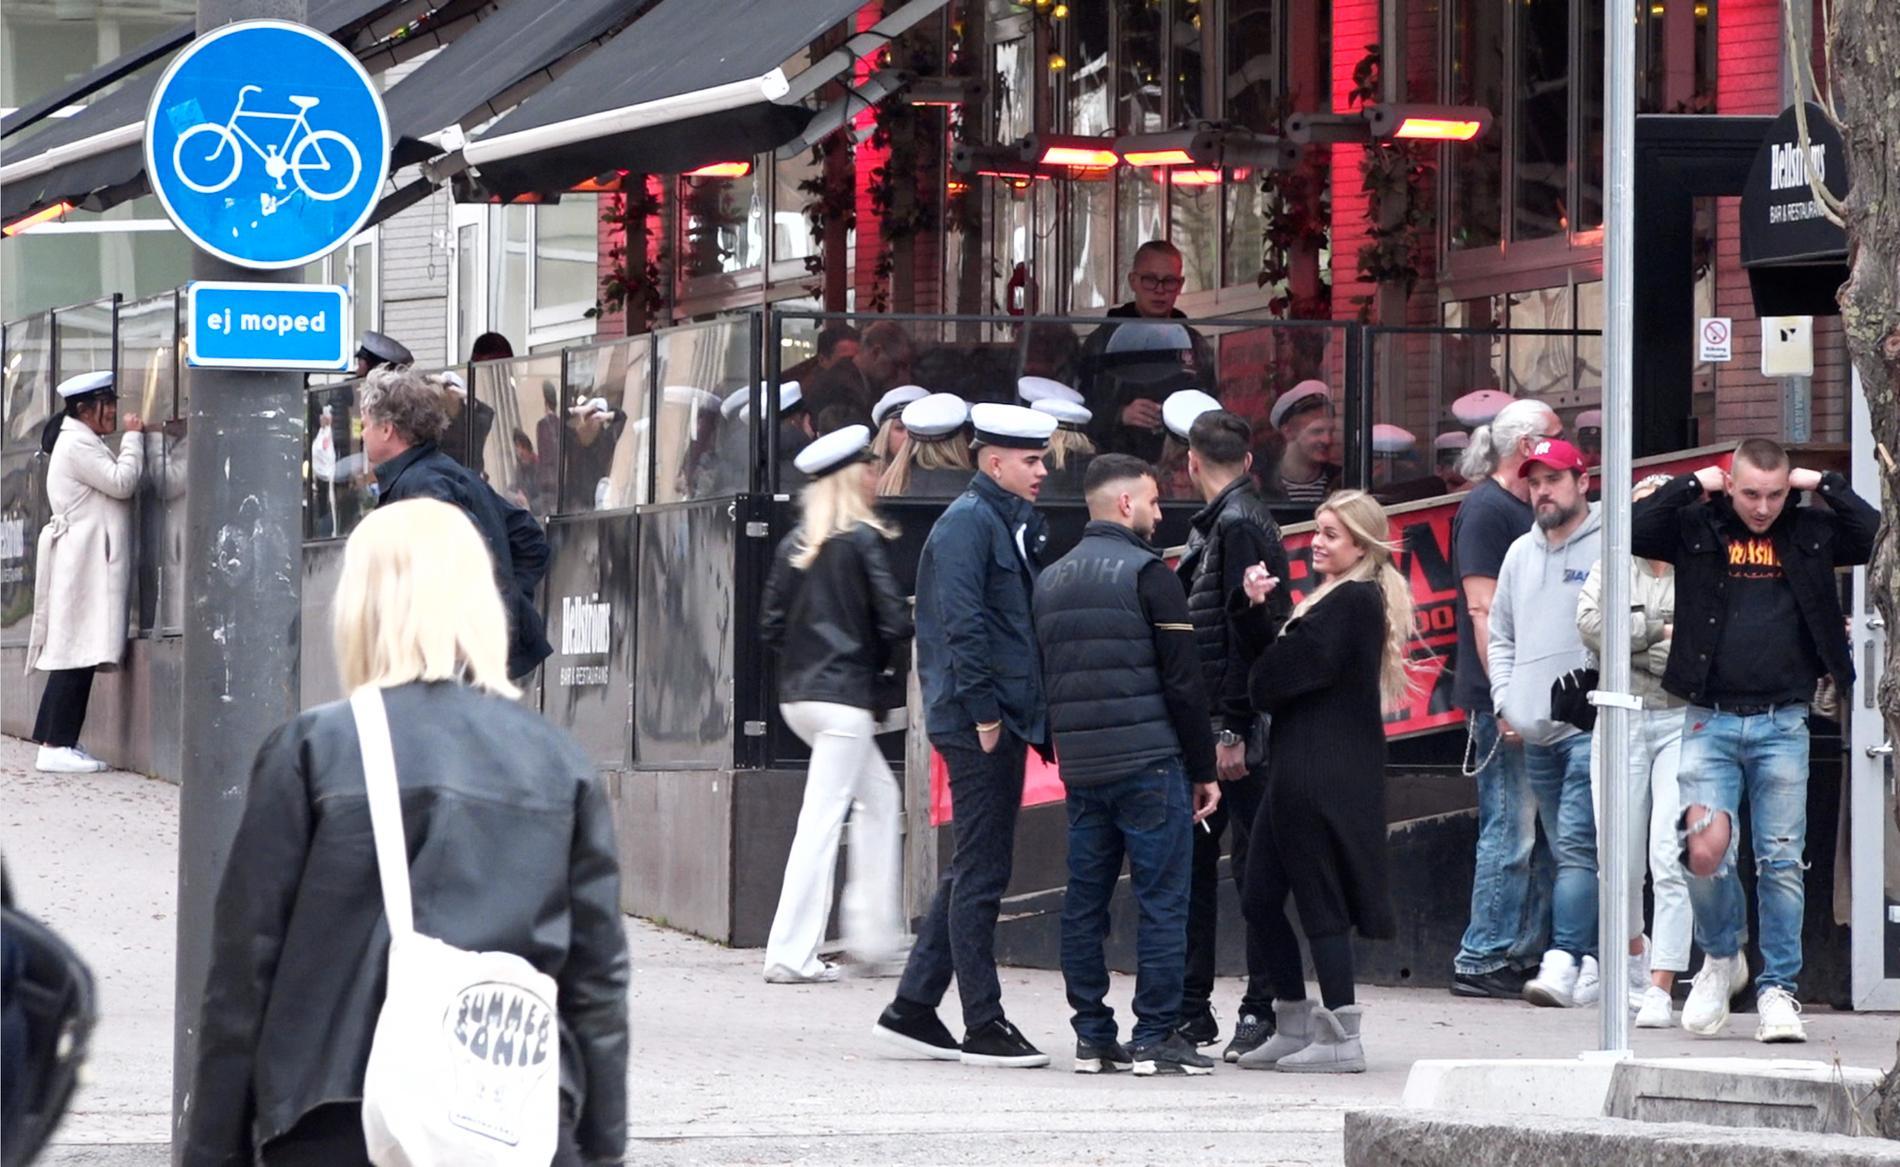 Även på andra krogar på Södermalm var det trångt runt entréer och på uteserveringar.